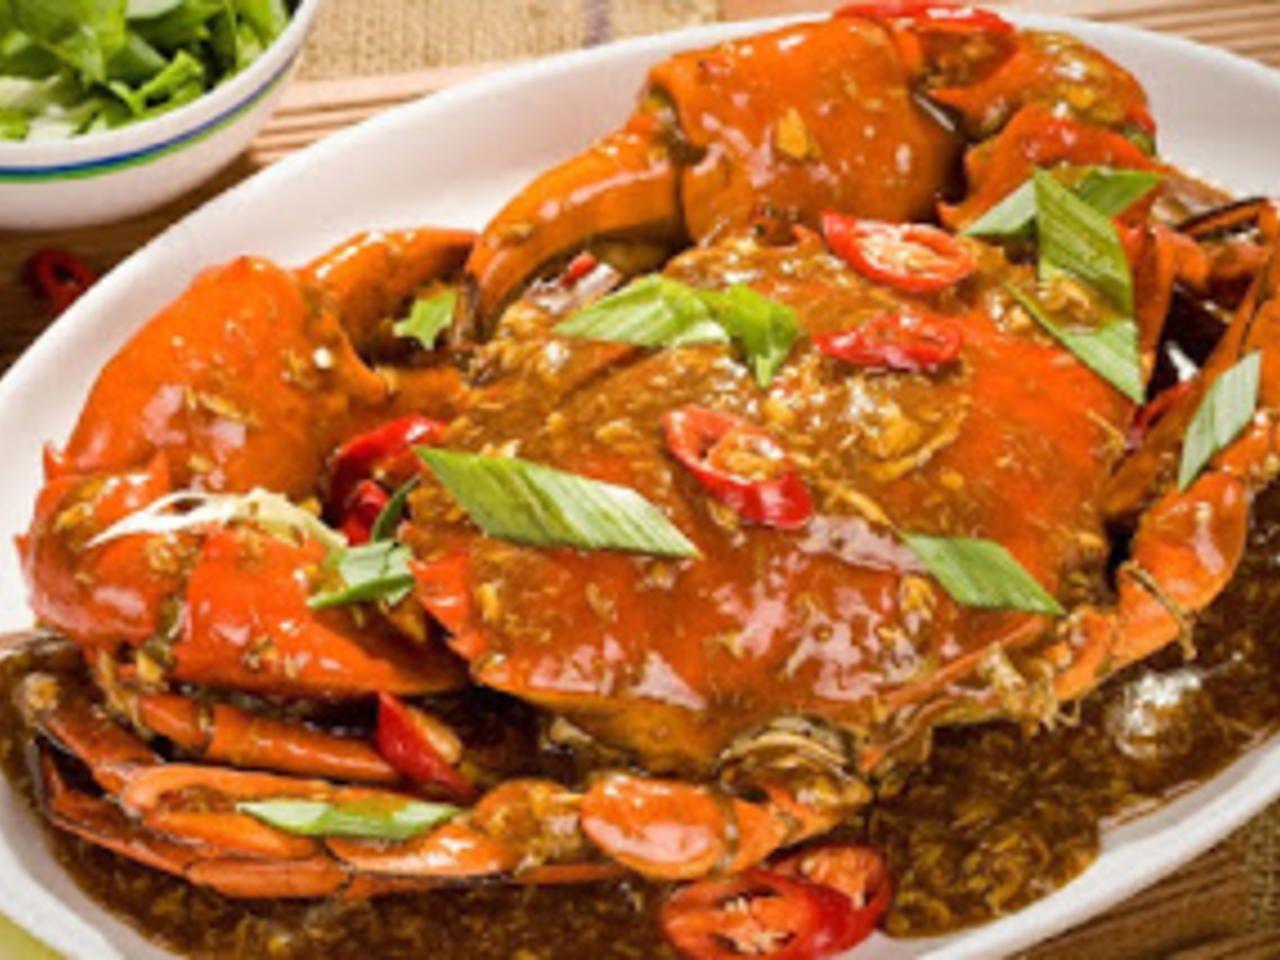 Resep Kepiting Saus Padang Rasa Resto Oleh Resepjuna Blogspot Com Craft Resep Resep Kepiting Resep Resep Ikan